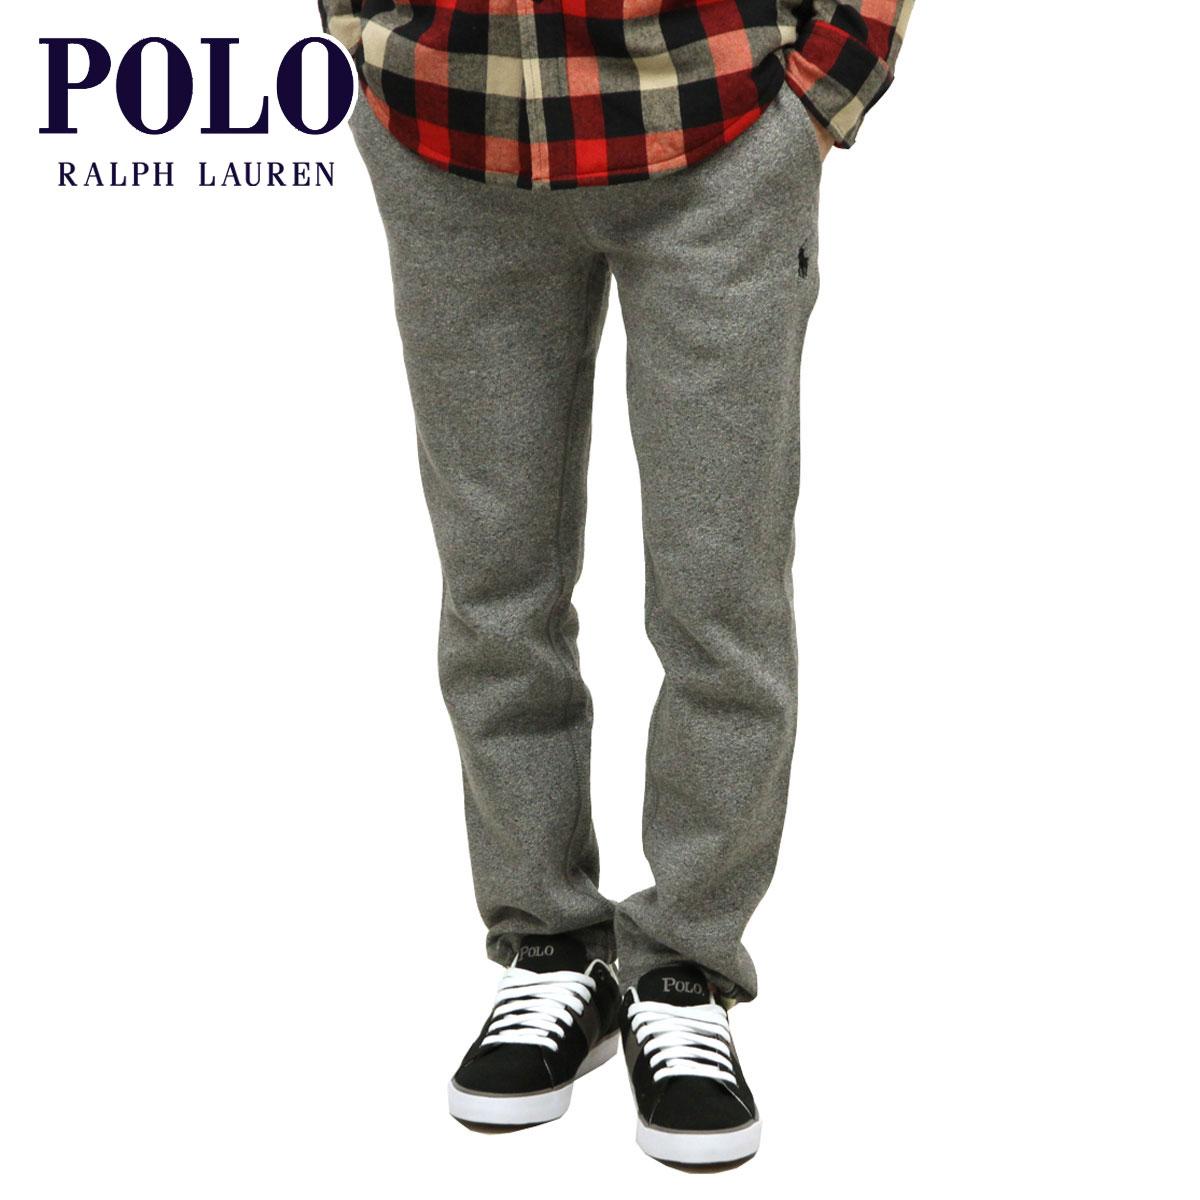 ポロ ラルフローレン POLO RALPH LAUREN 正規品 メンズ スウェットパンツ Classic Fleece Athletic Pant D00S20